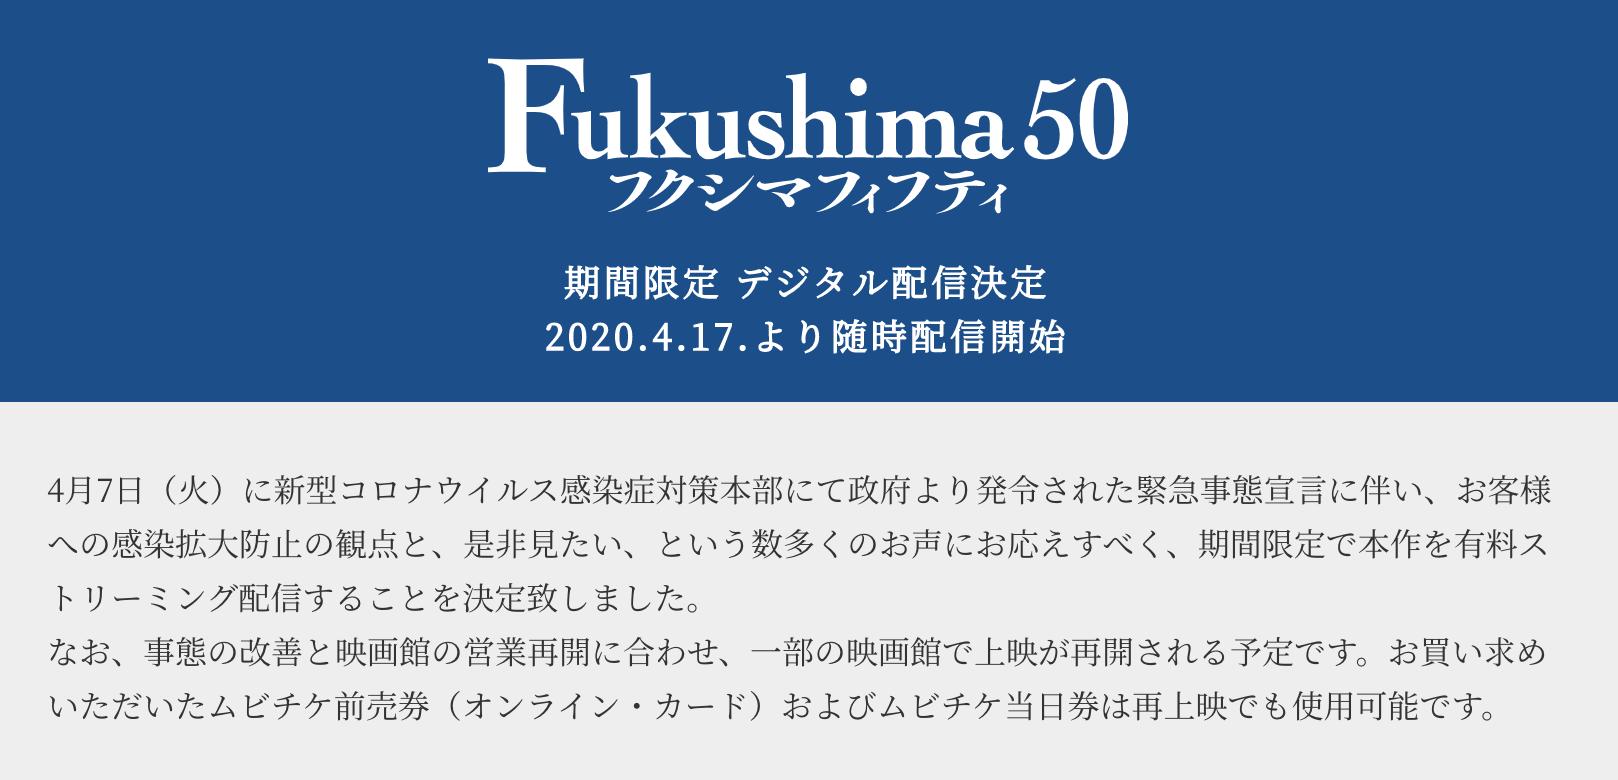 Fukushima 50お知らせ画像